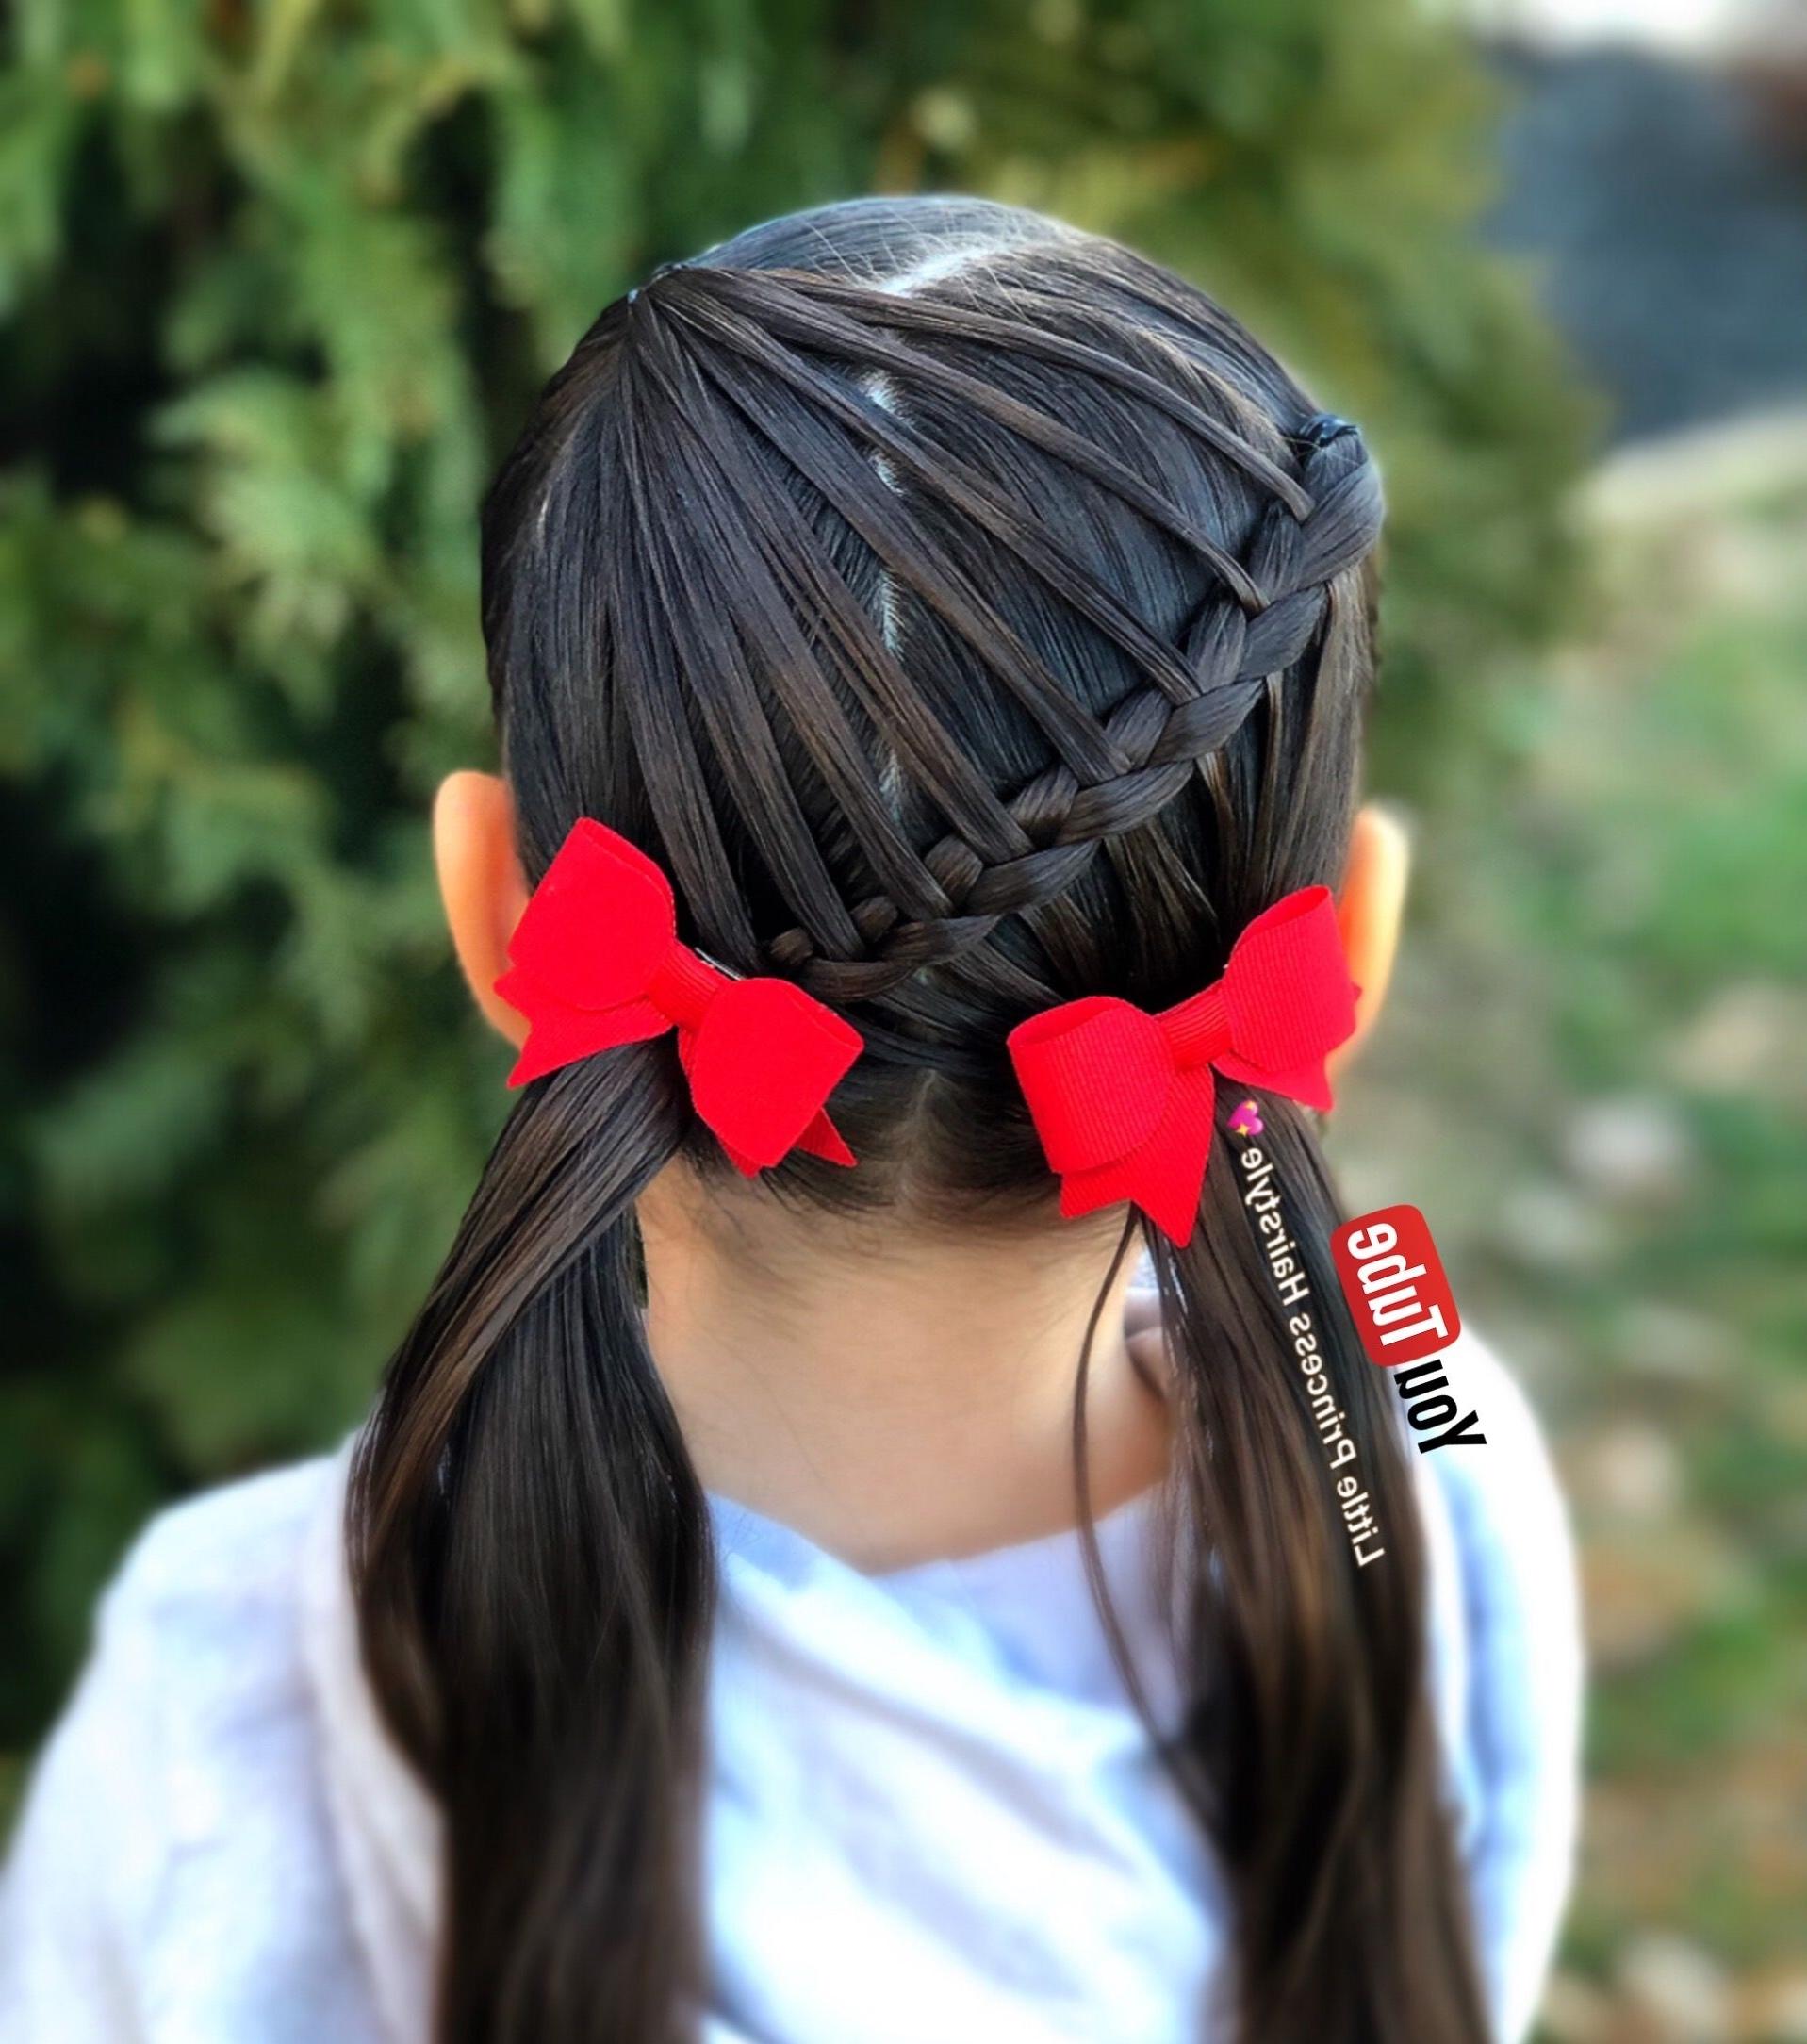 Pinlittle Princess Hairstyle On Peinados Para Niñas Youtube Throughout Recent Princess Tie Ponytail Hairstyles (View 14 of 20)